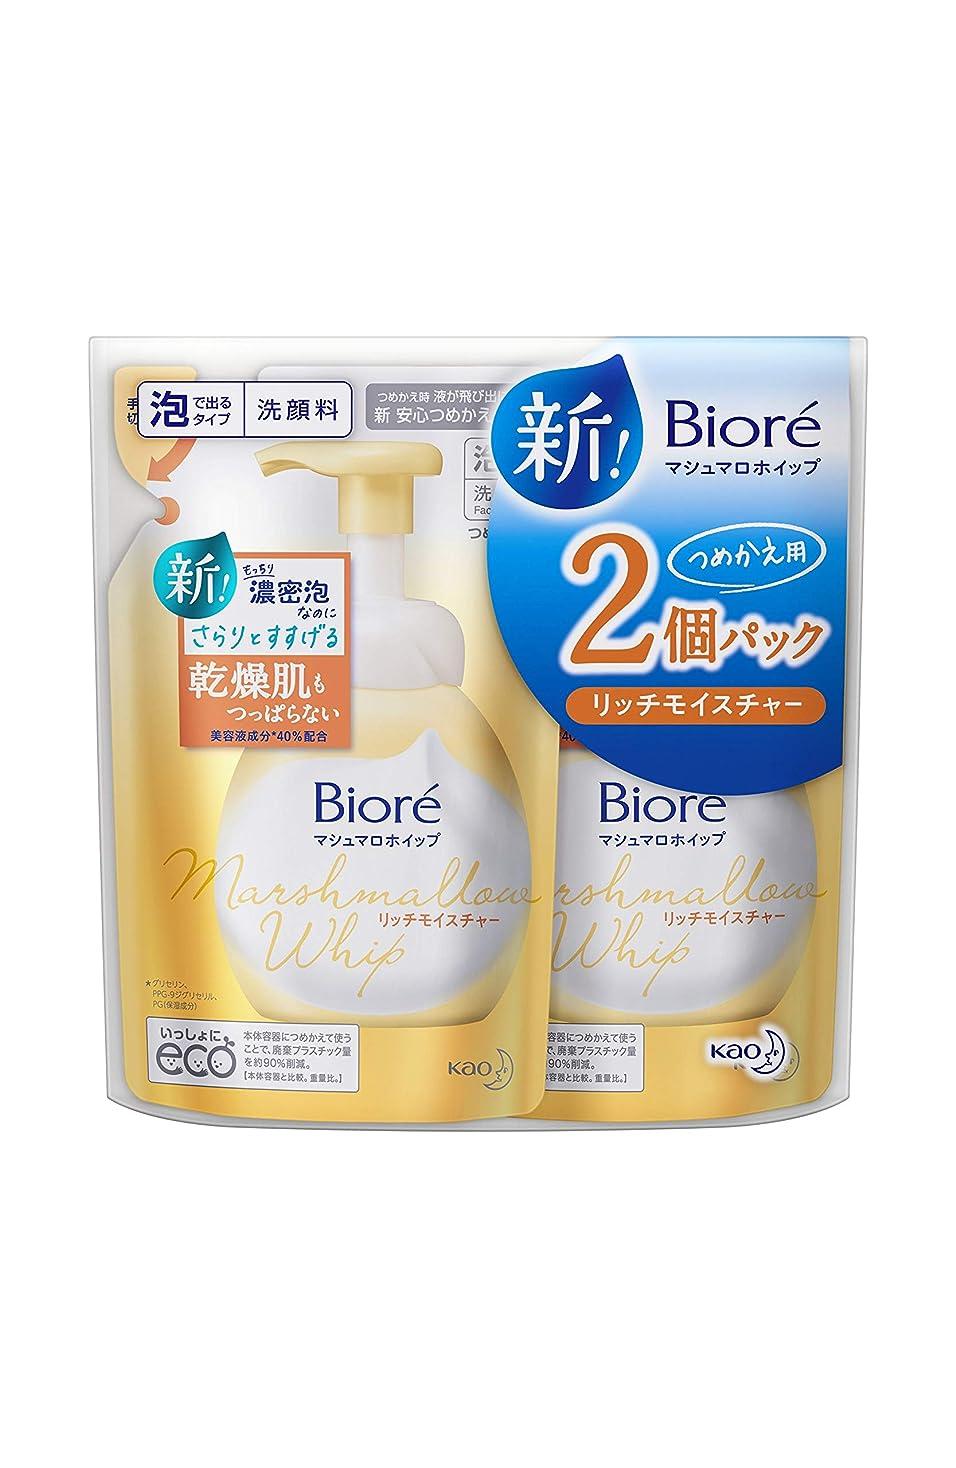 倉庫リラックス不公平ビオレ マシュマロホイップ リッチモイスチャー つめかえ用 2個セット 泡洗顔料